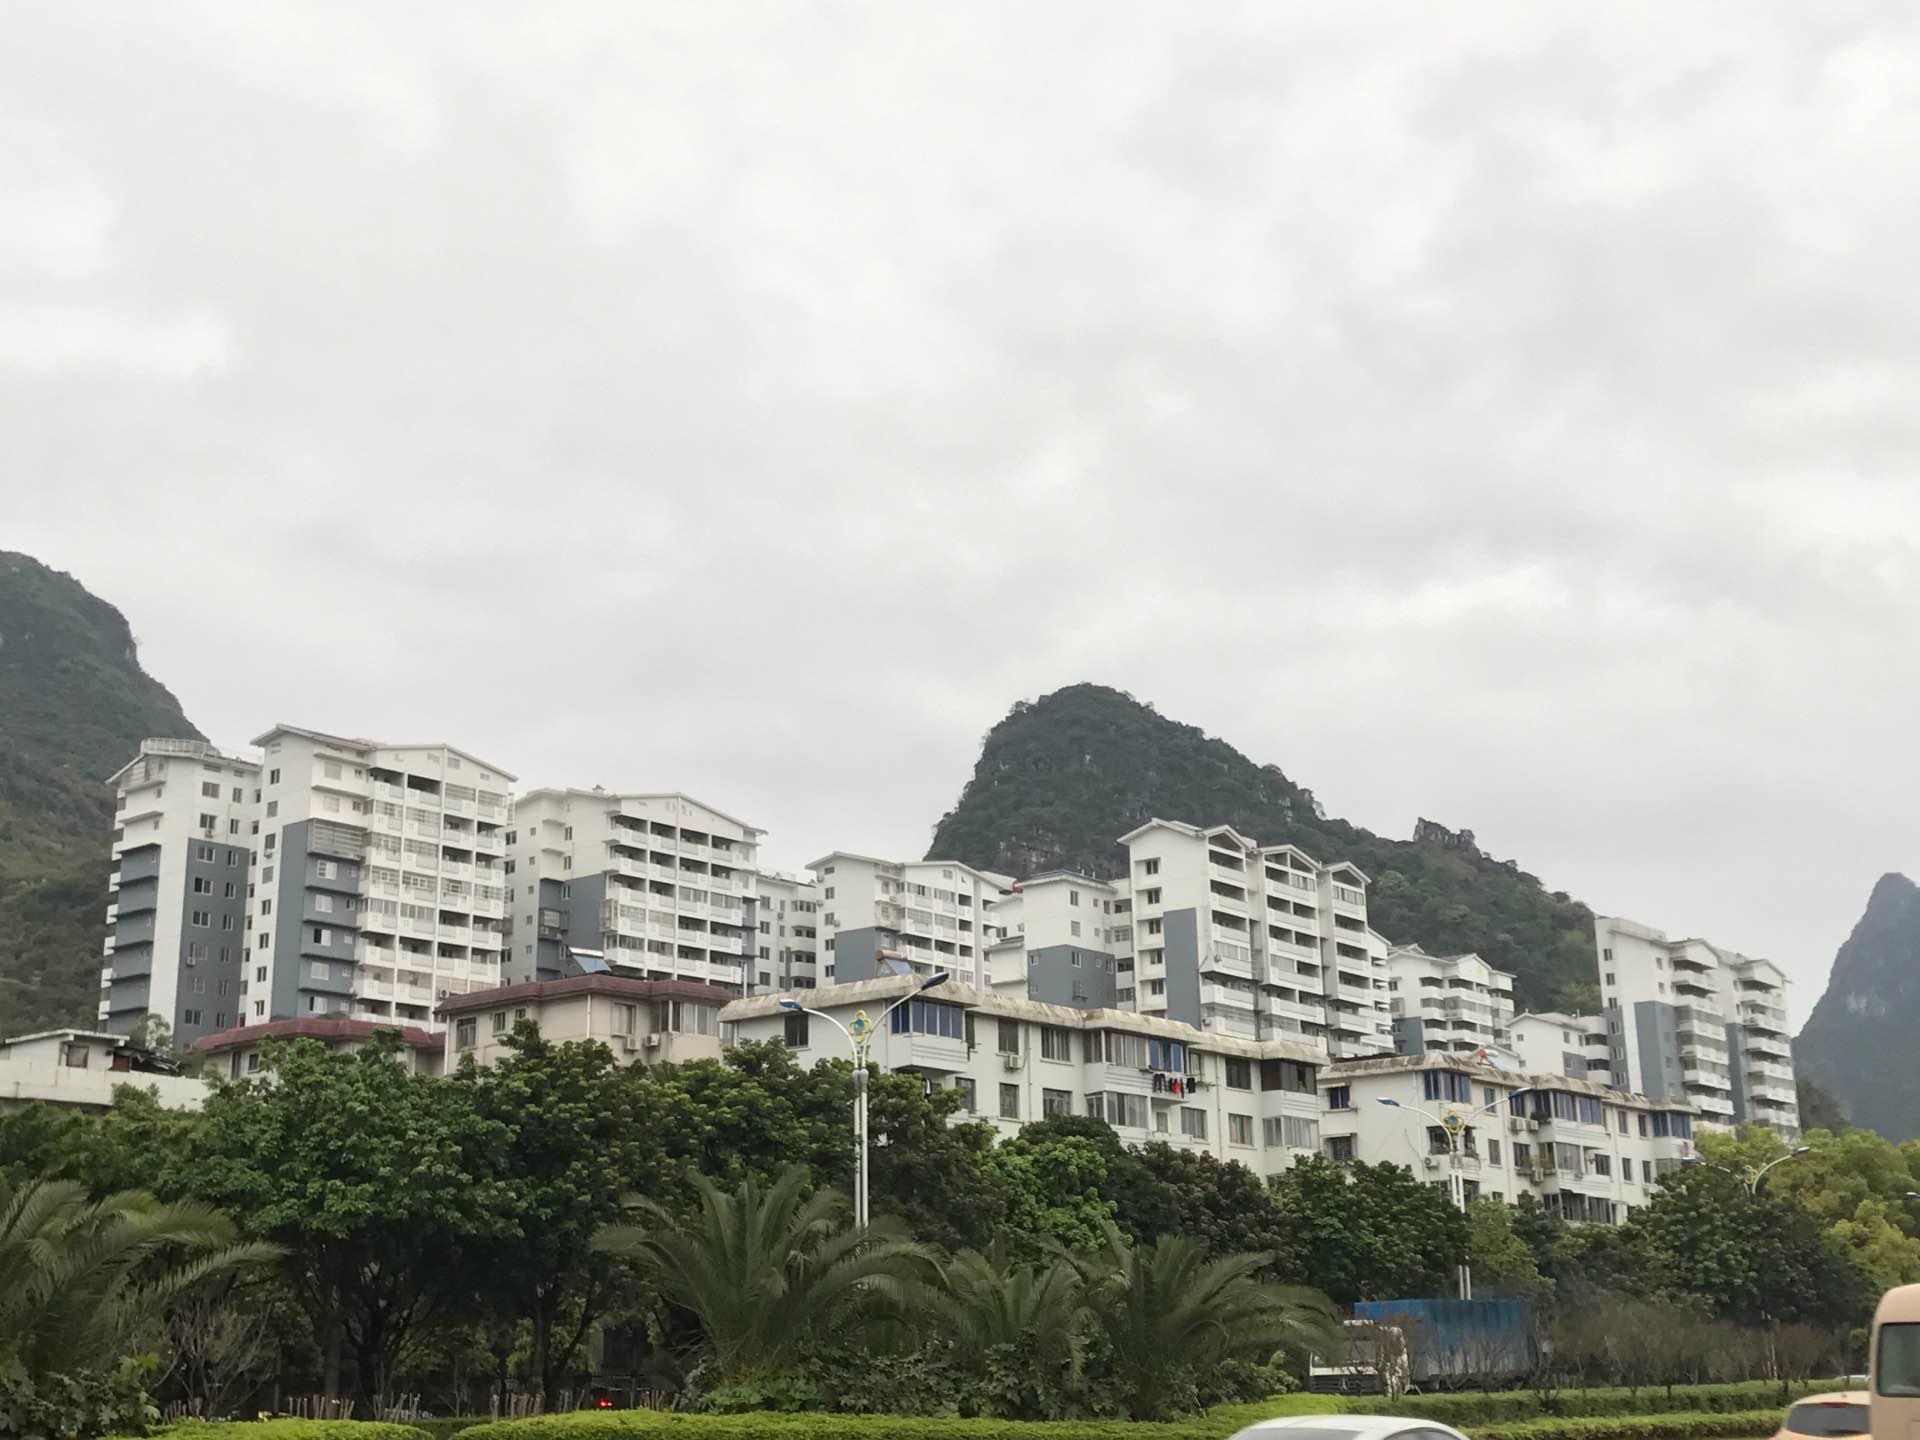 桂林鲁山水泥厂生活区危旧房改造